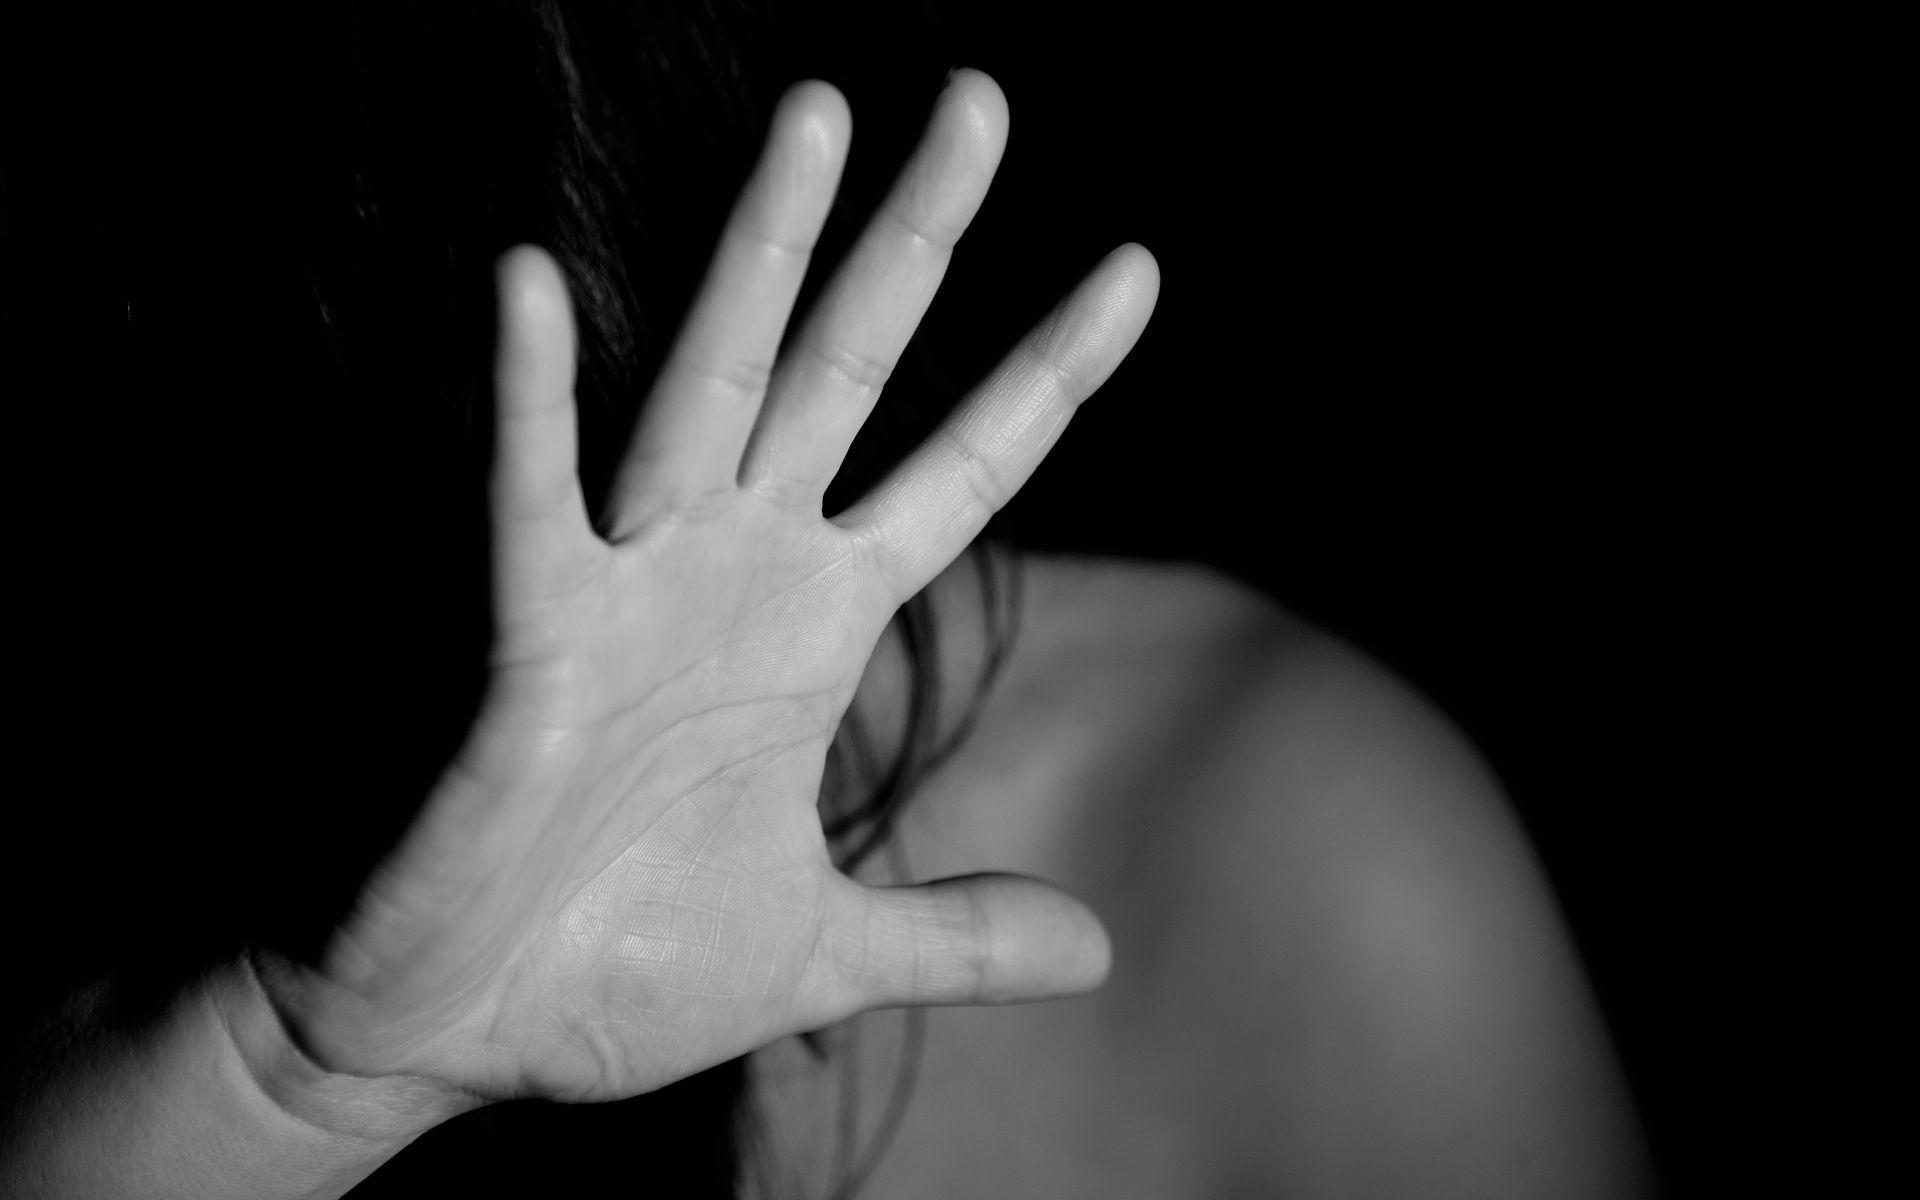 FORUM MLADIH SDP-A 'Nasilje nad ženama nije interna obiteljska stvar'